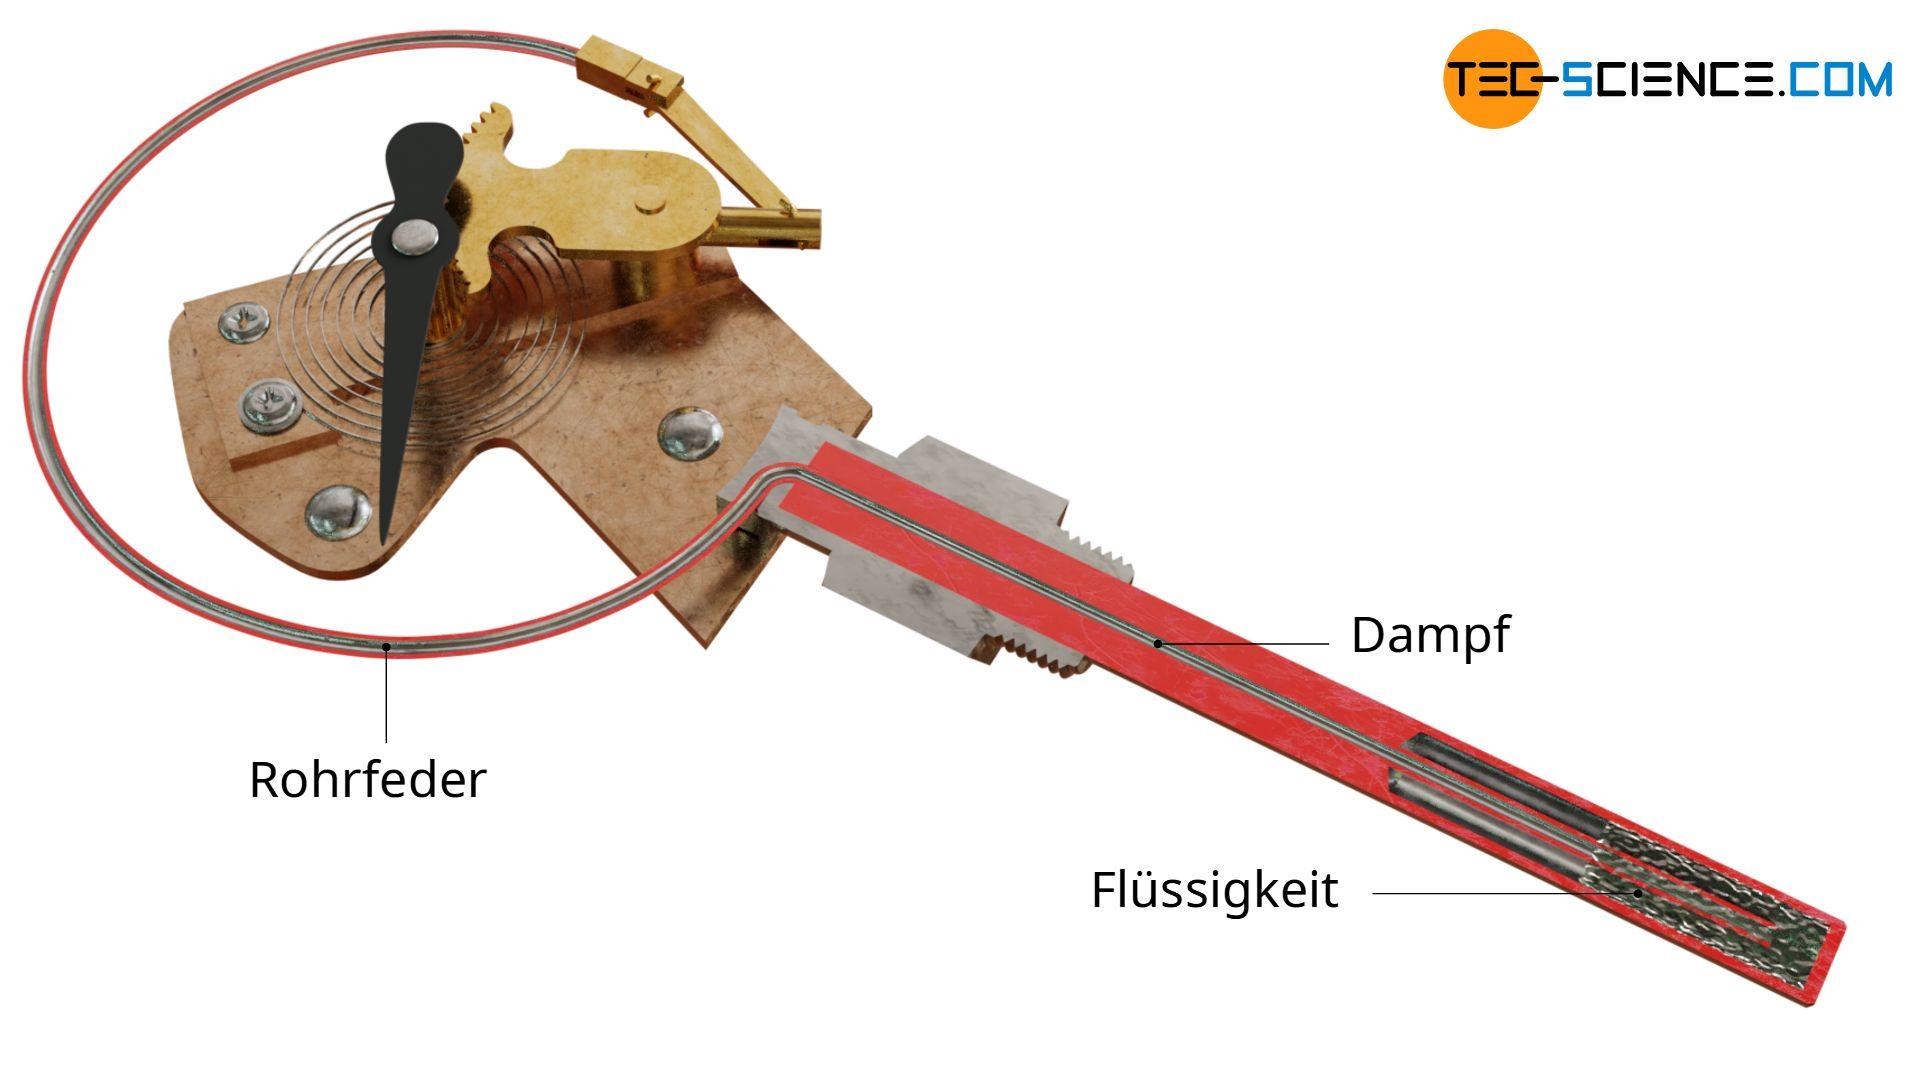 Schnitt durch ein Dampfdruck-Federthermometer